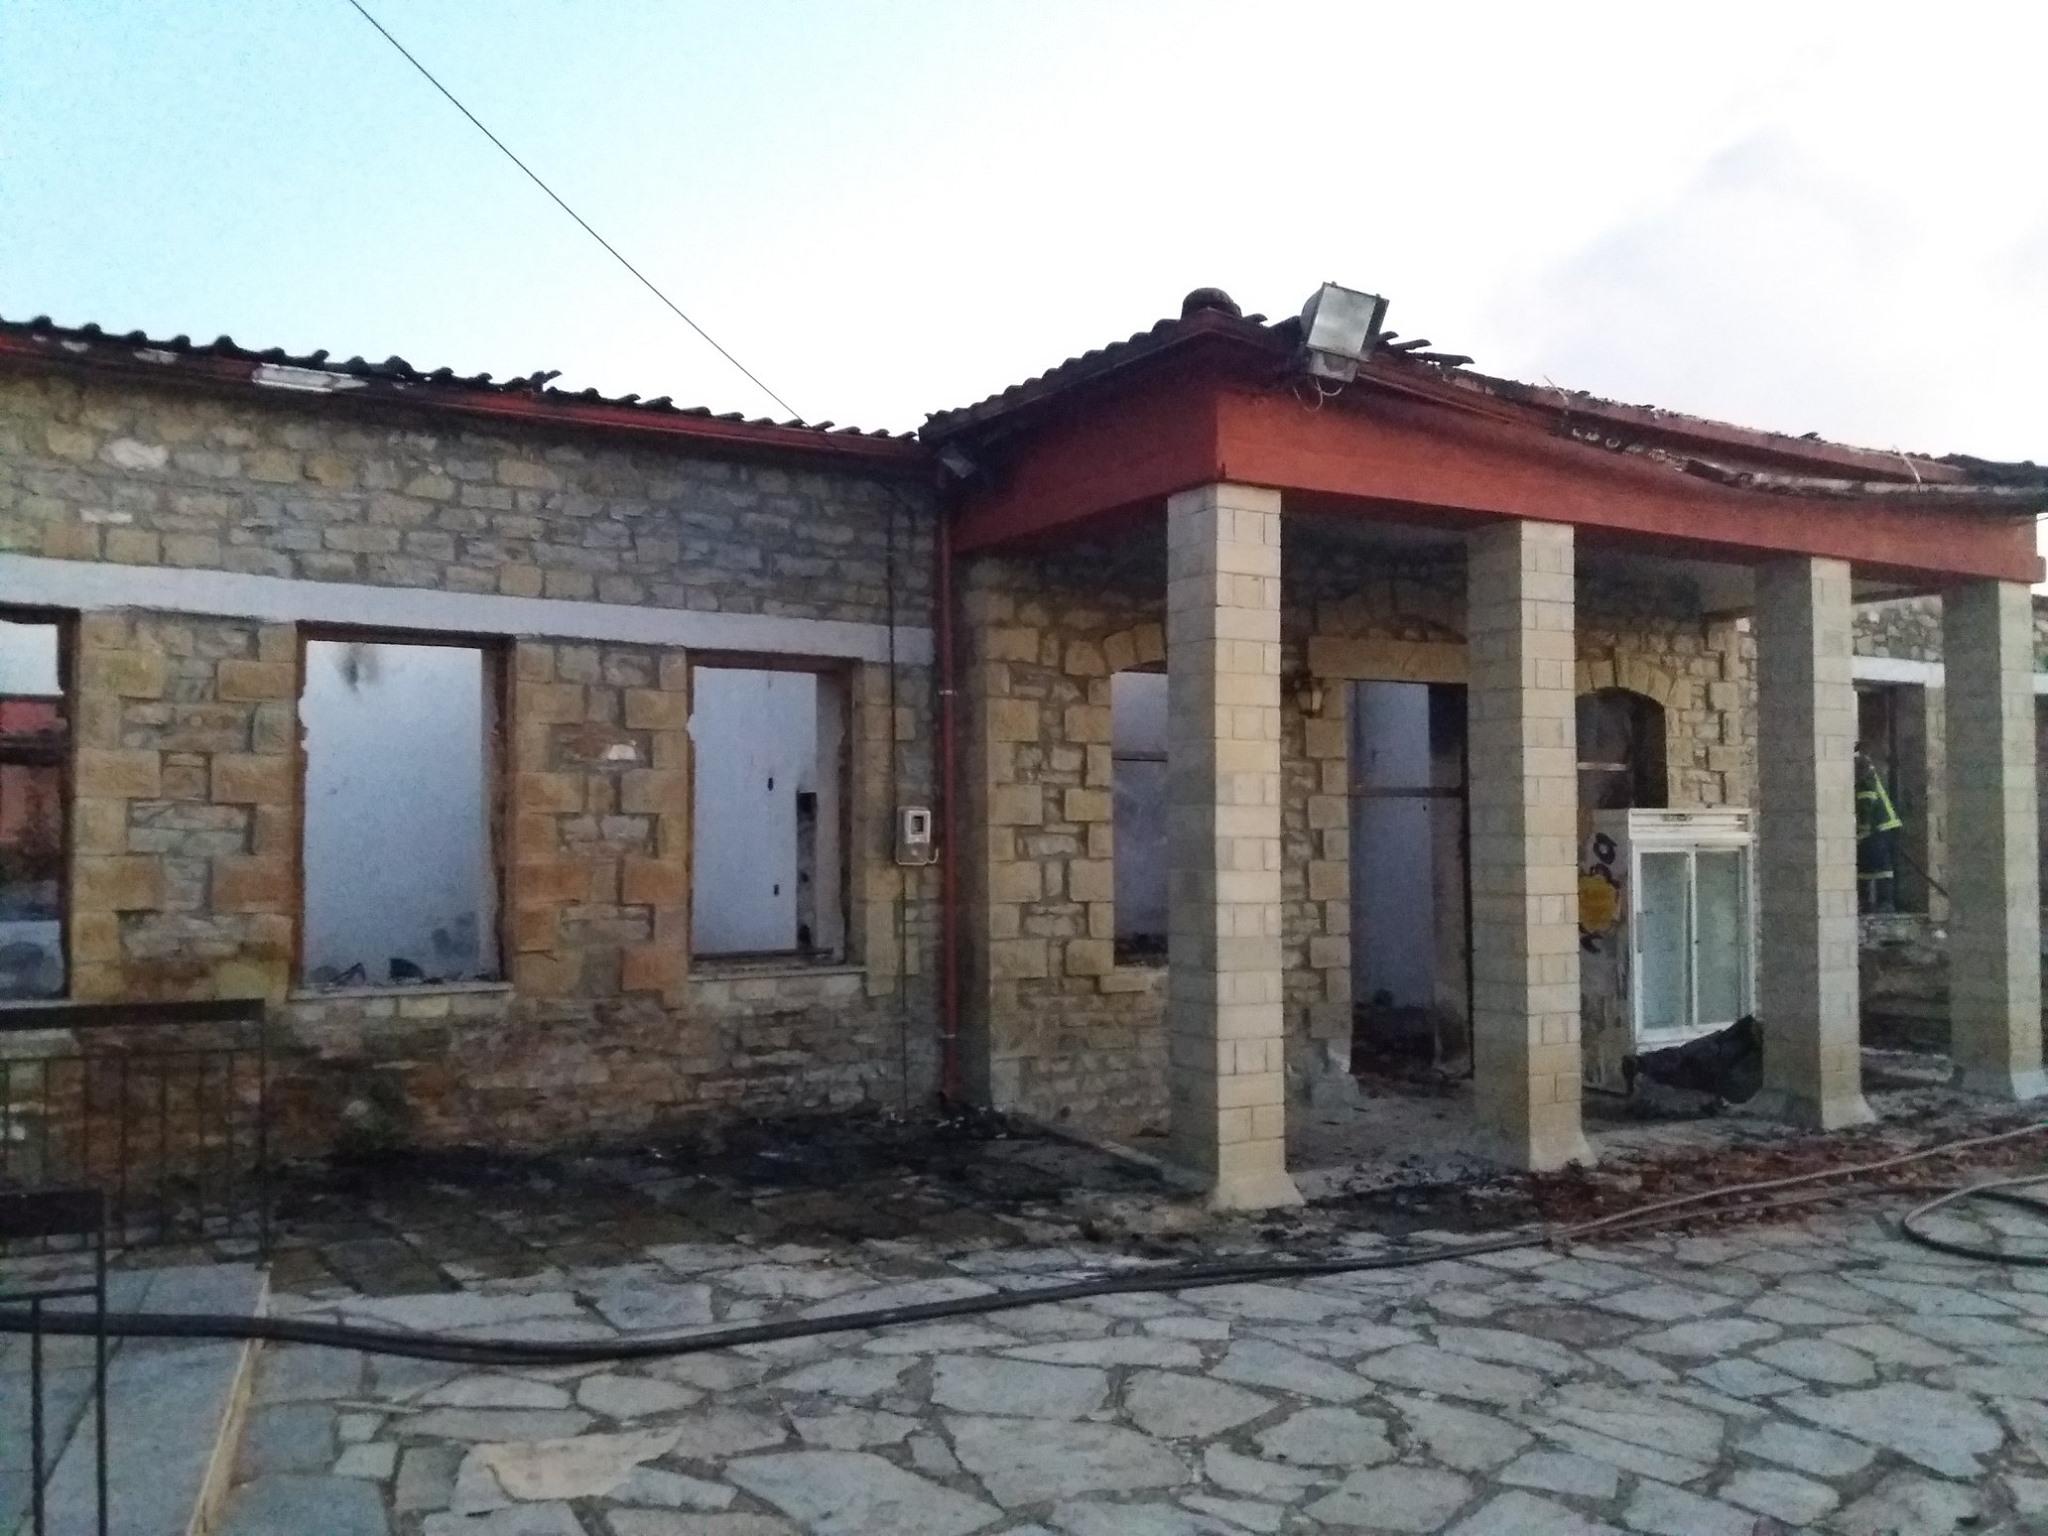 Πυρκαγιά κατέστρεψε ολοσχερώς το Δημοτικό Σχολείο στο Τρίκωμο Γρεβενών